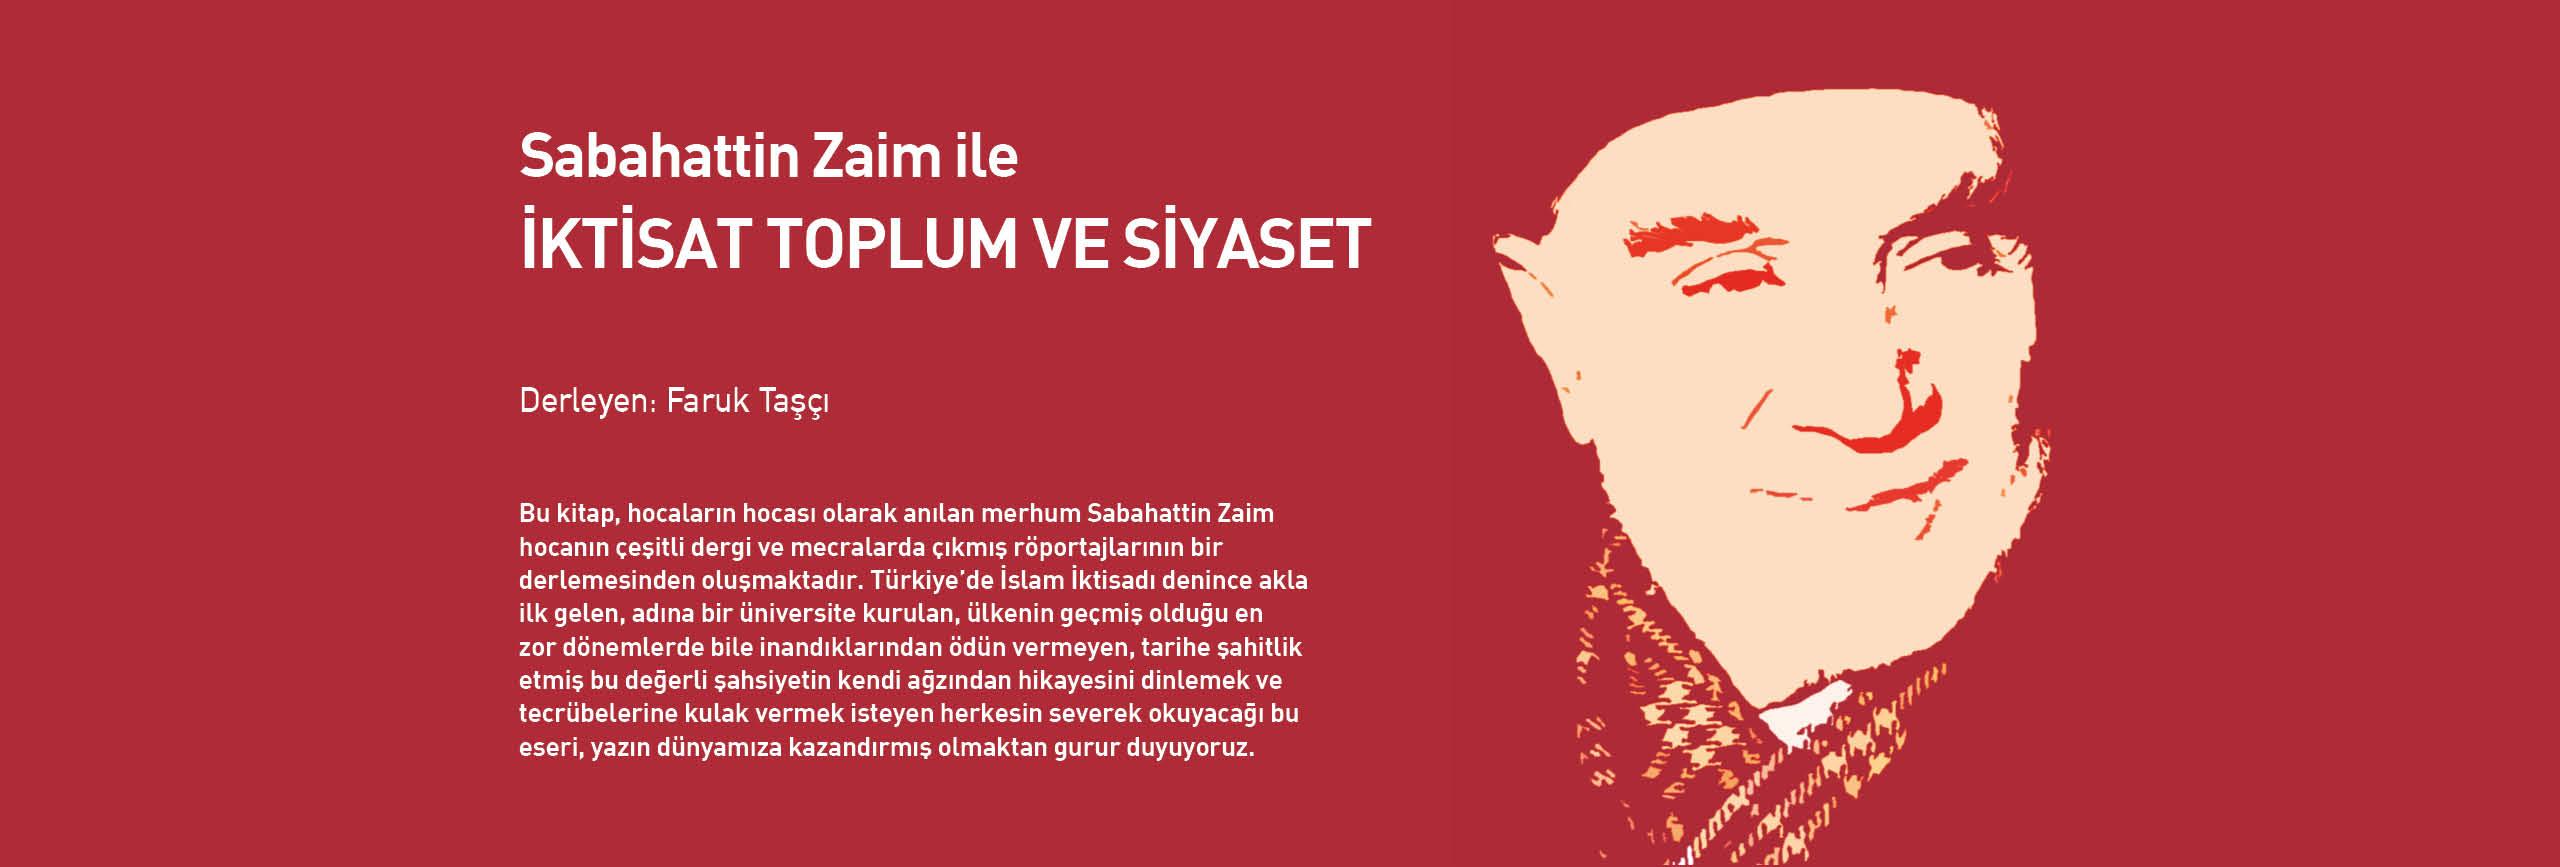 https://www.iktisatyayinlari.com/content/1-home/1.jpg